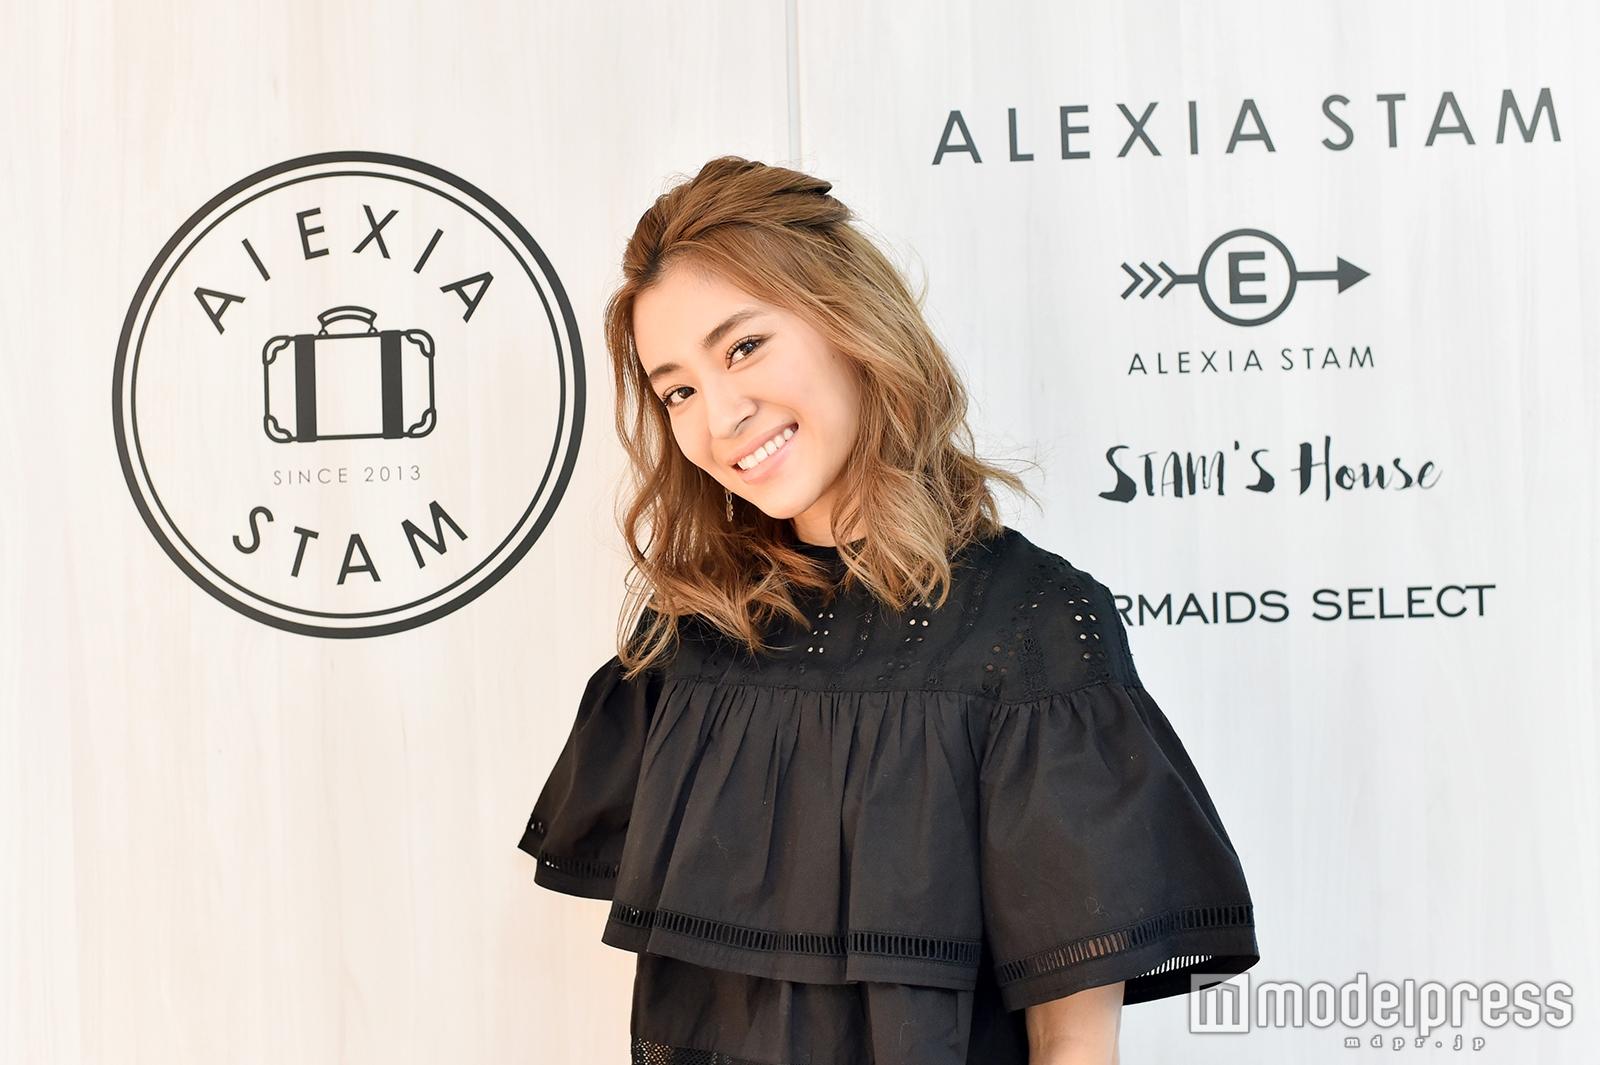 「ALEXIA STAM」デザイナーの山中美智子さん(C)モデルプレス